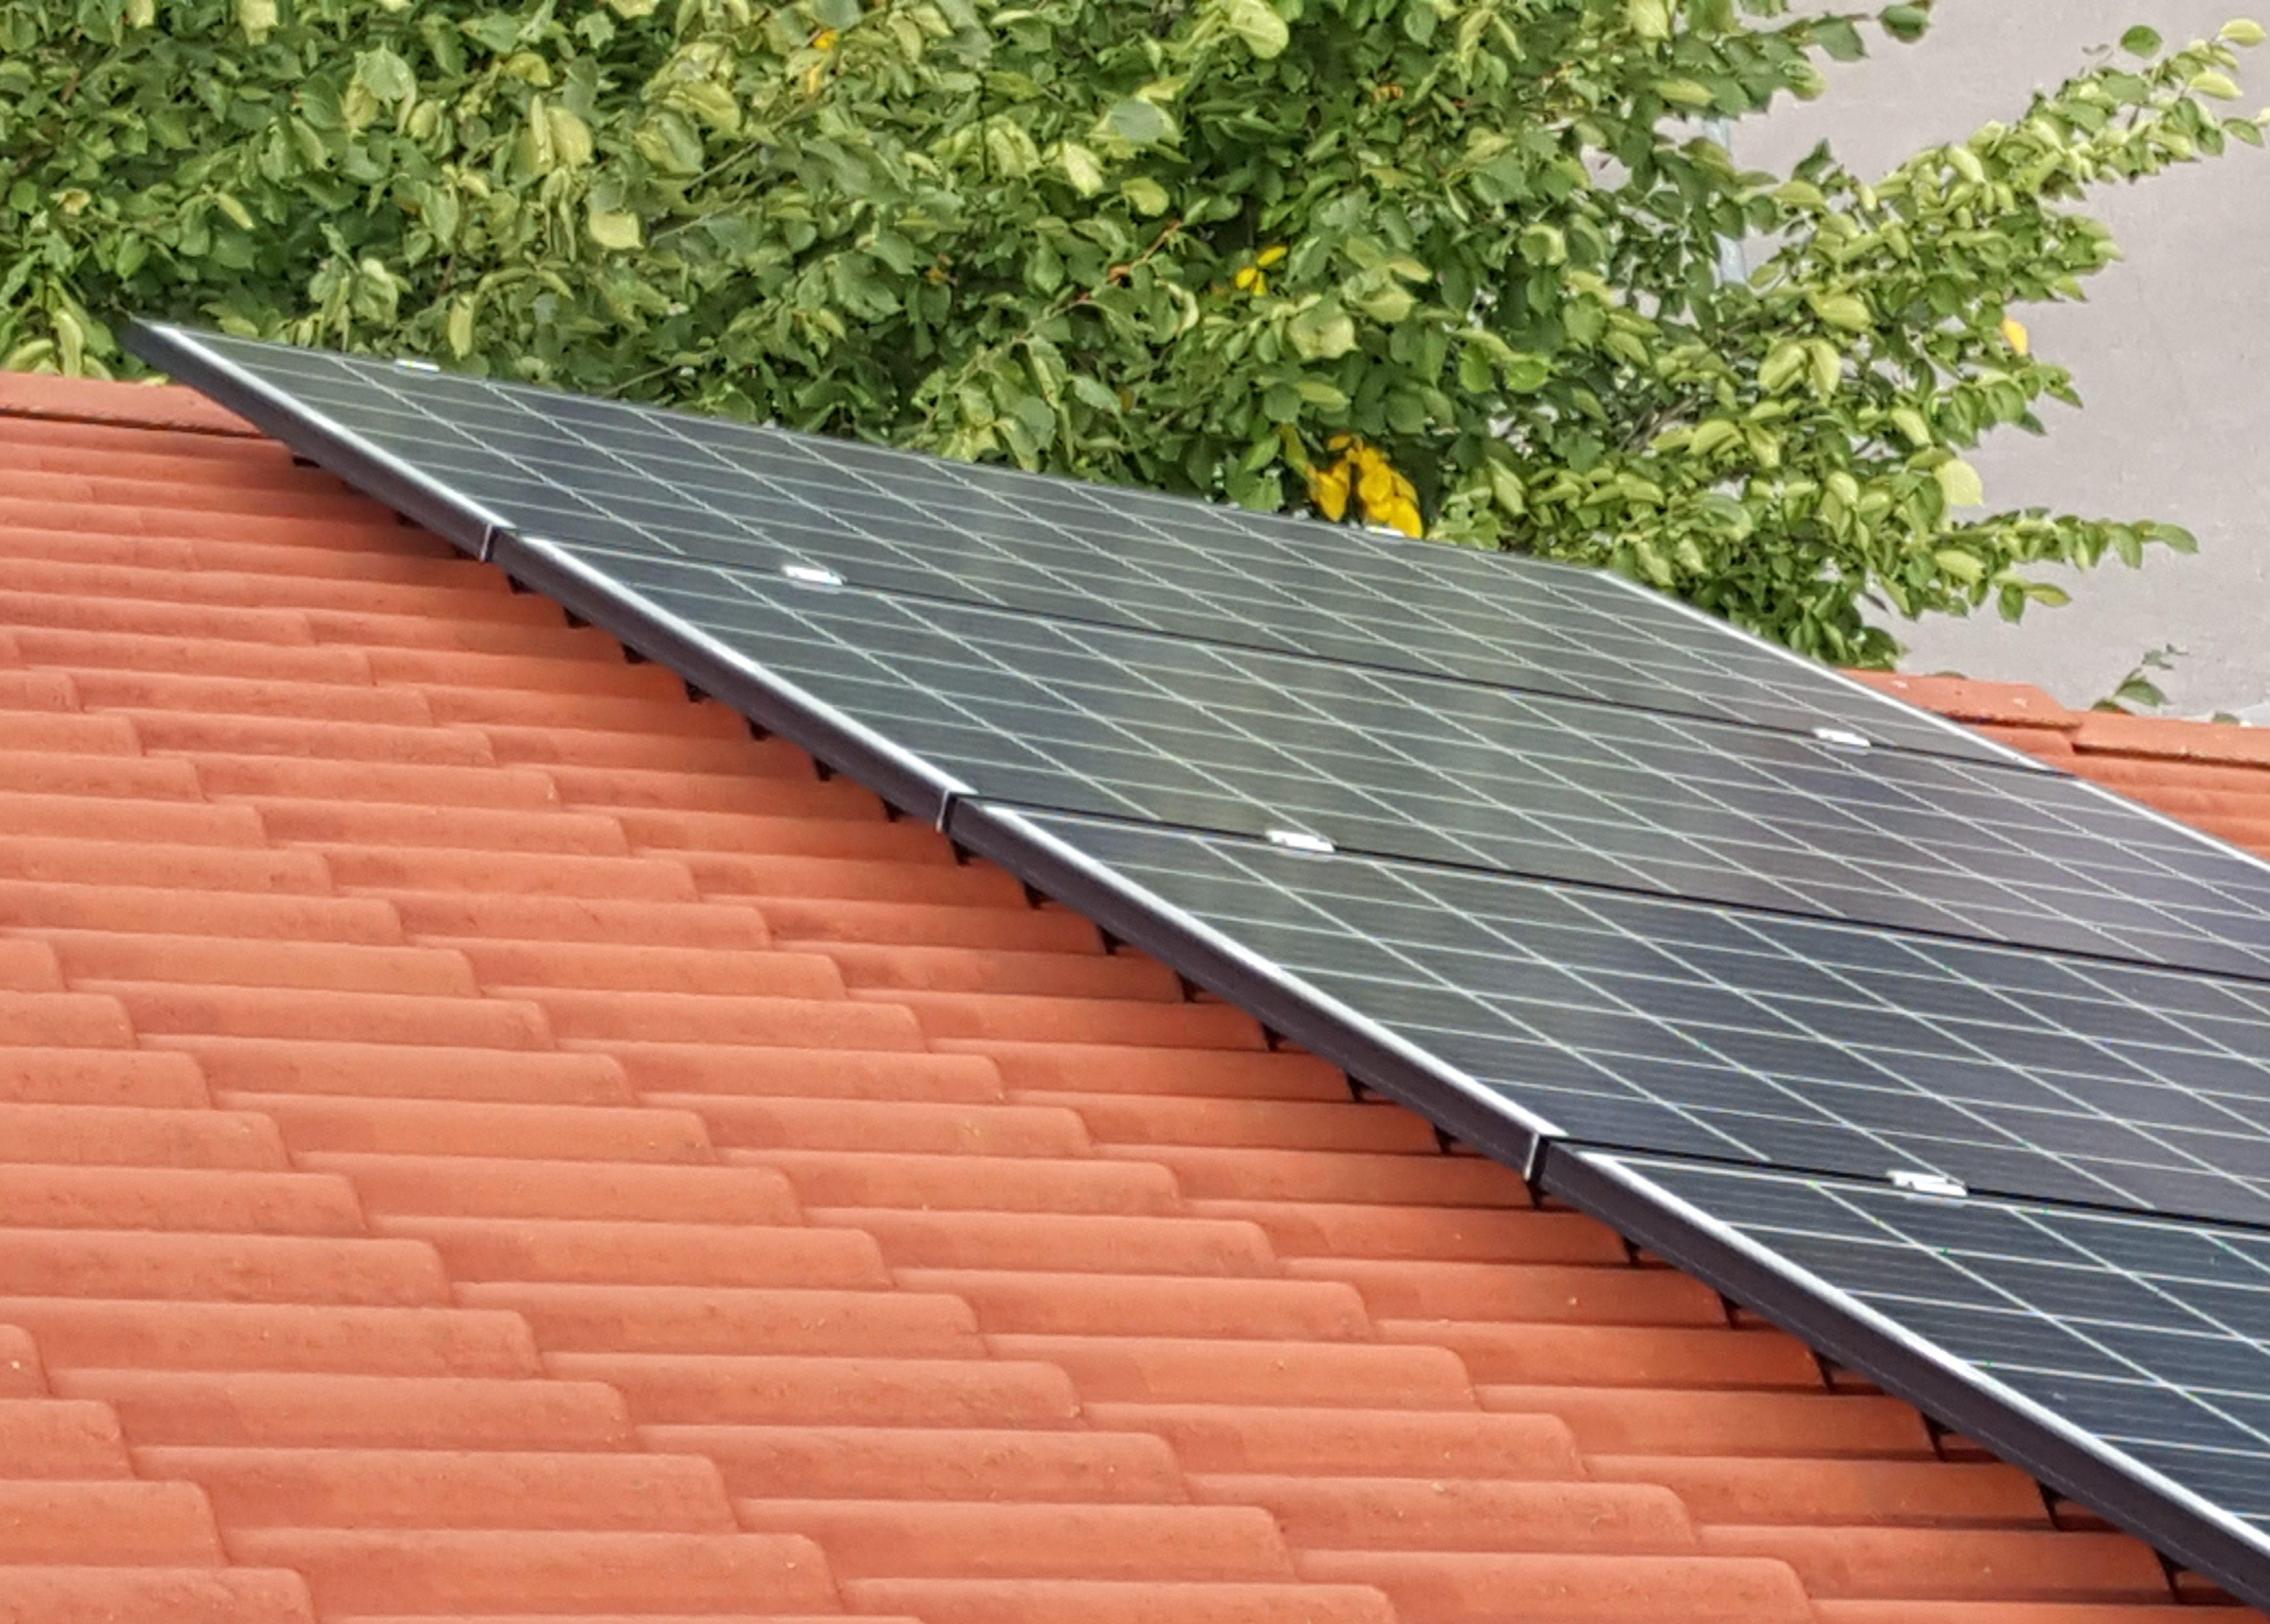 Kannattaako Aurinkopaneeleihin Investoida?